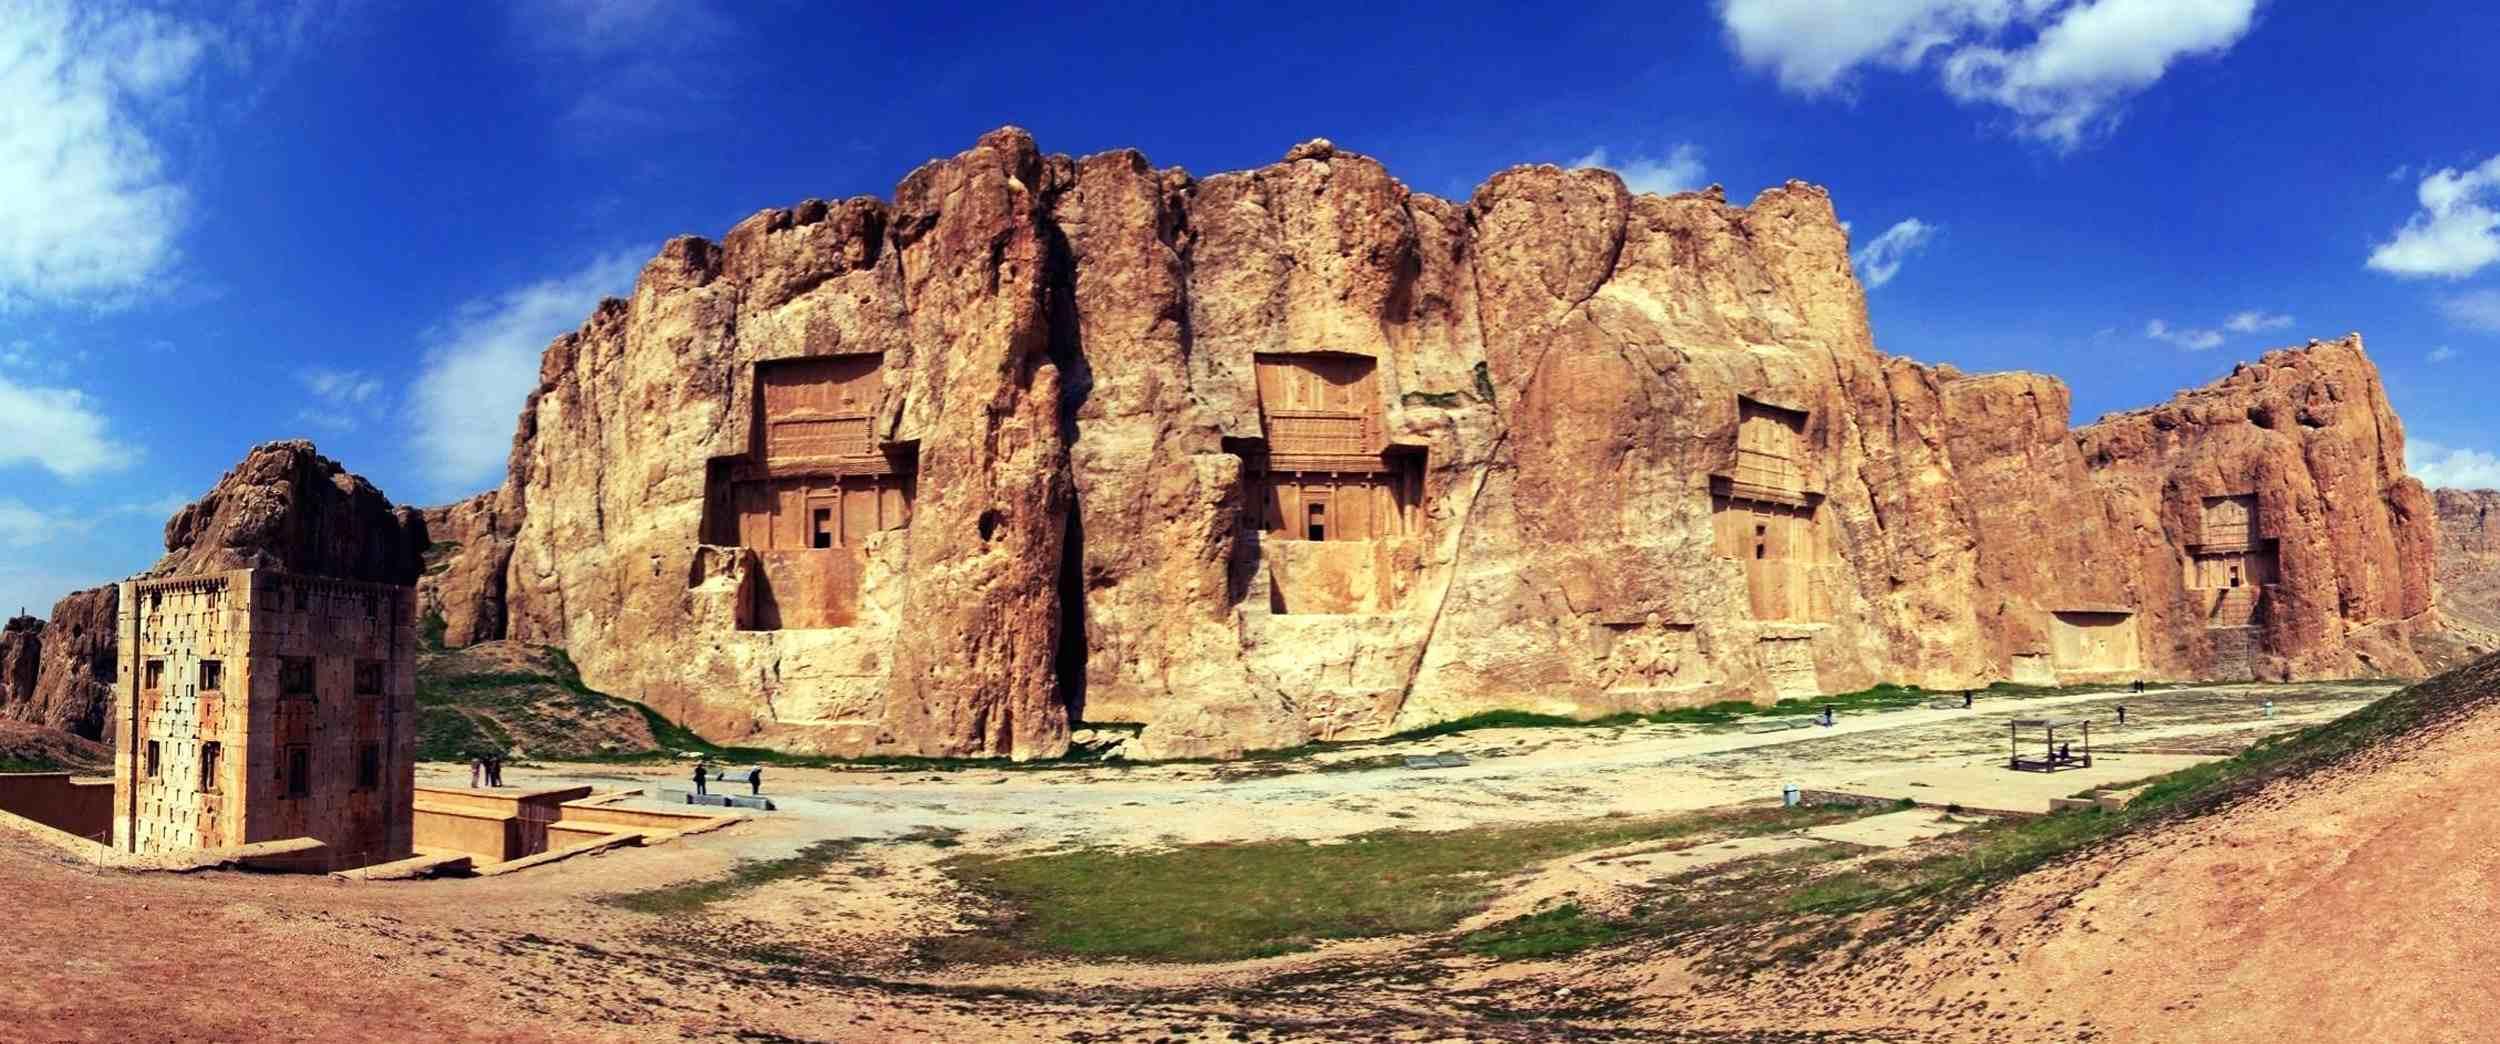 Naghsh-e Rostam, Necropolis